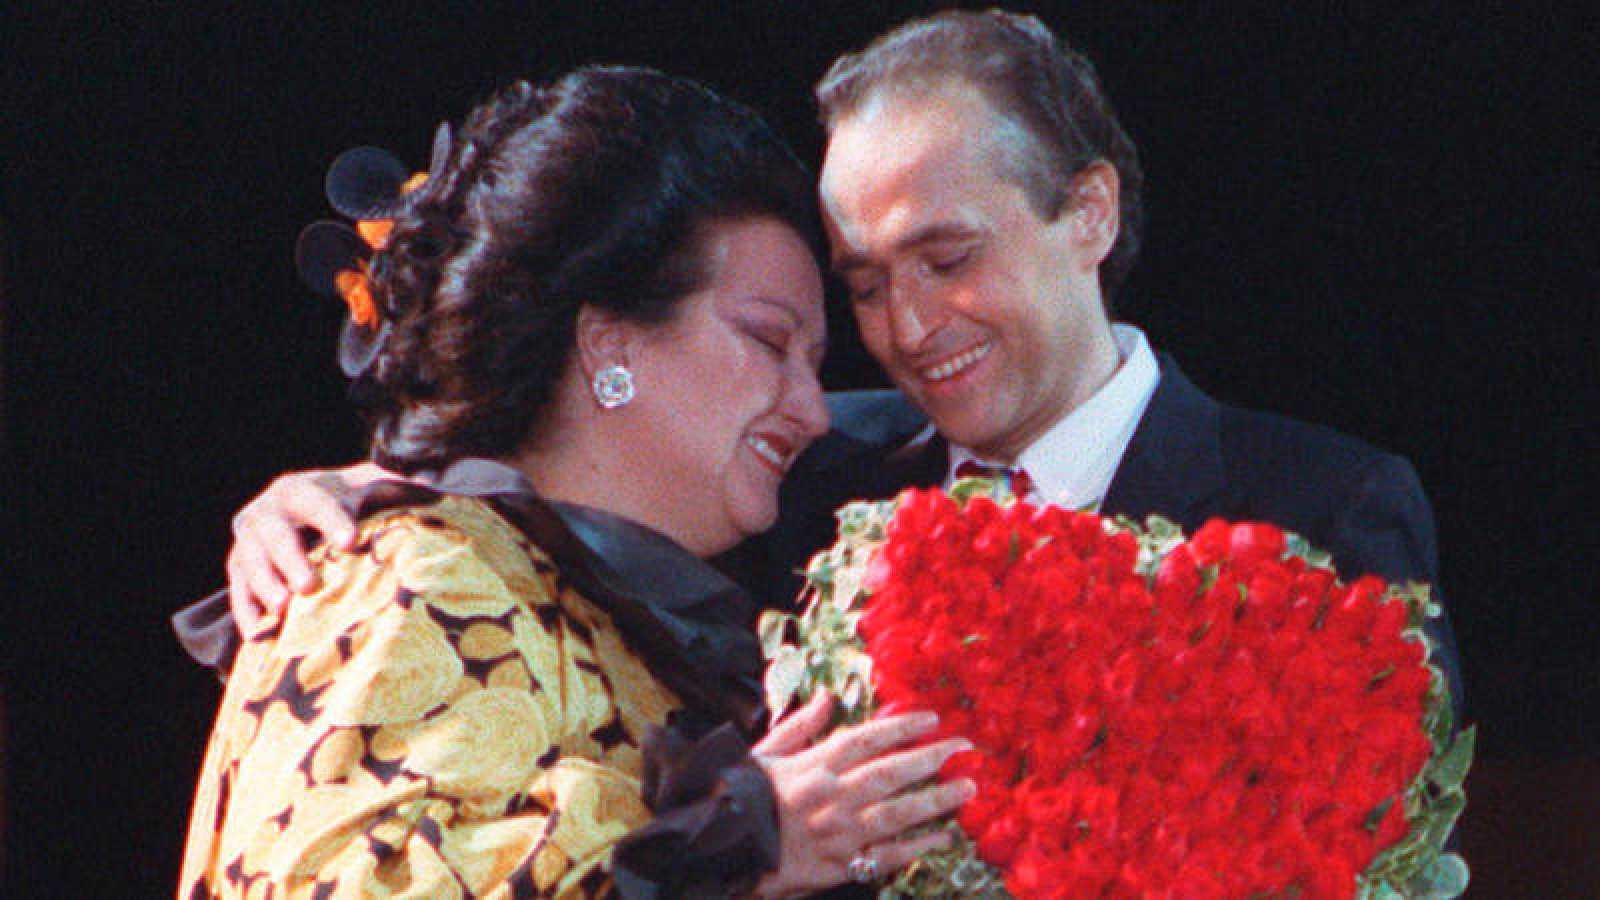 Josep Carreras recibe emocionado un centro de flores en forma de corazón de manos de la cantante Montserrat Caballé el 21 de julio de 1988